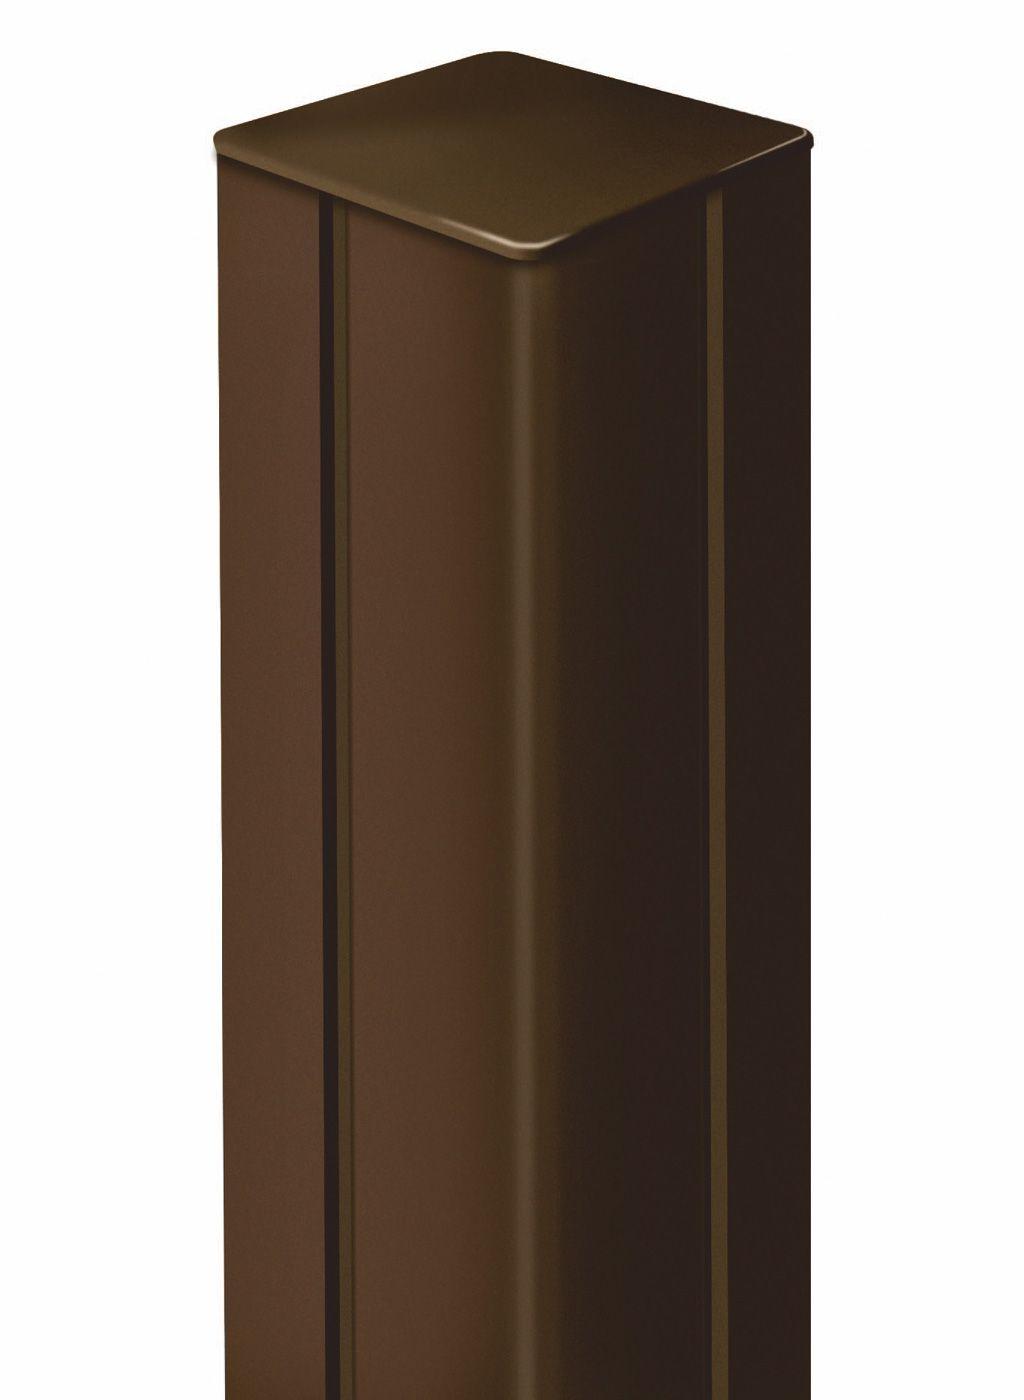 NORTENE ALUPOST HLINÍKOVÝ SLOUP HNĚDÝ, 115cm